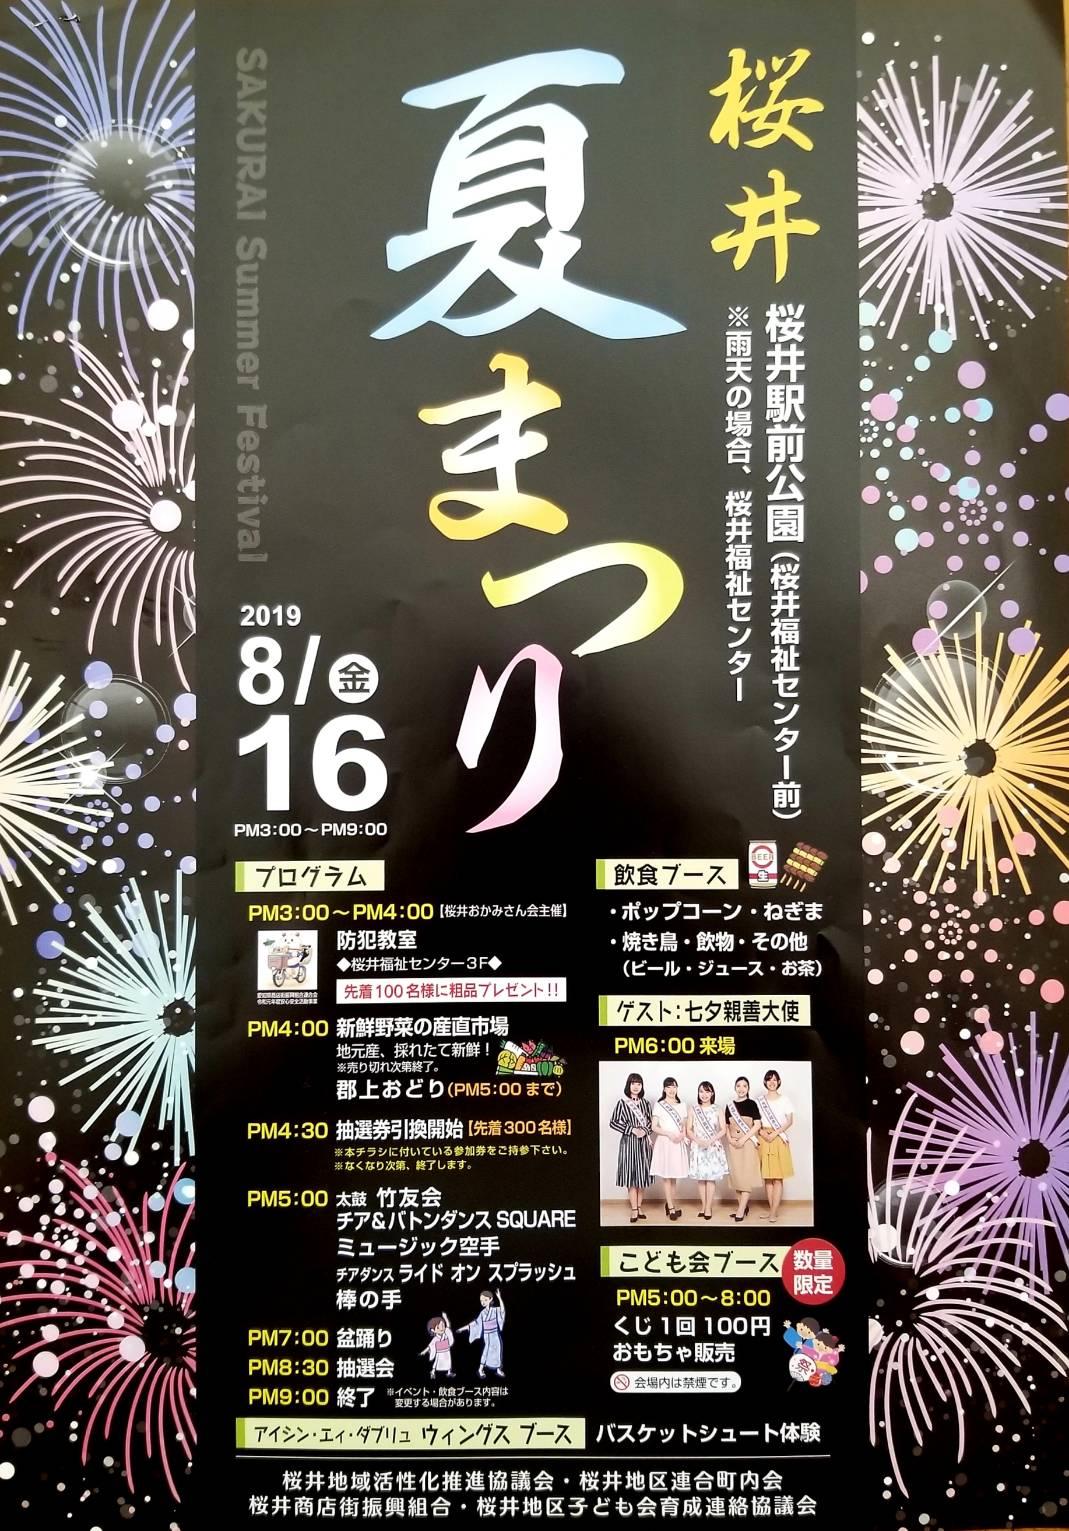 8月16日桜井駅前公園にて開催します!